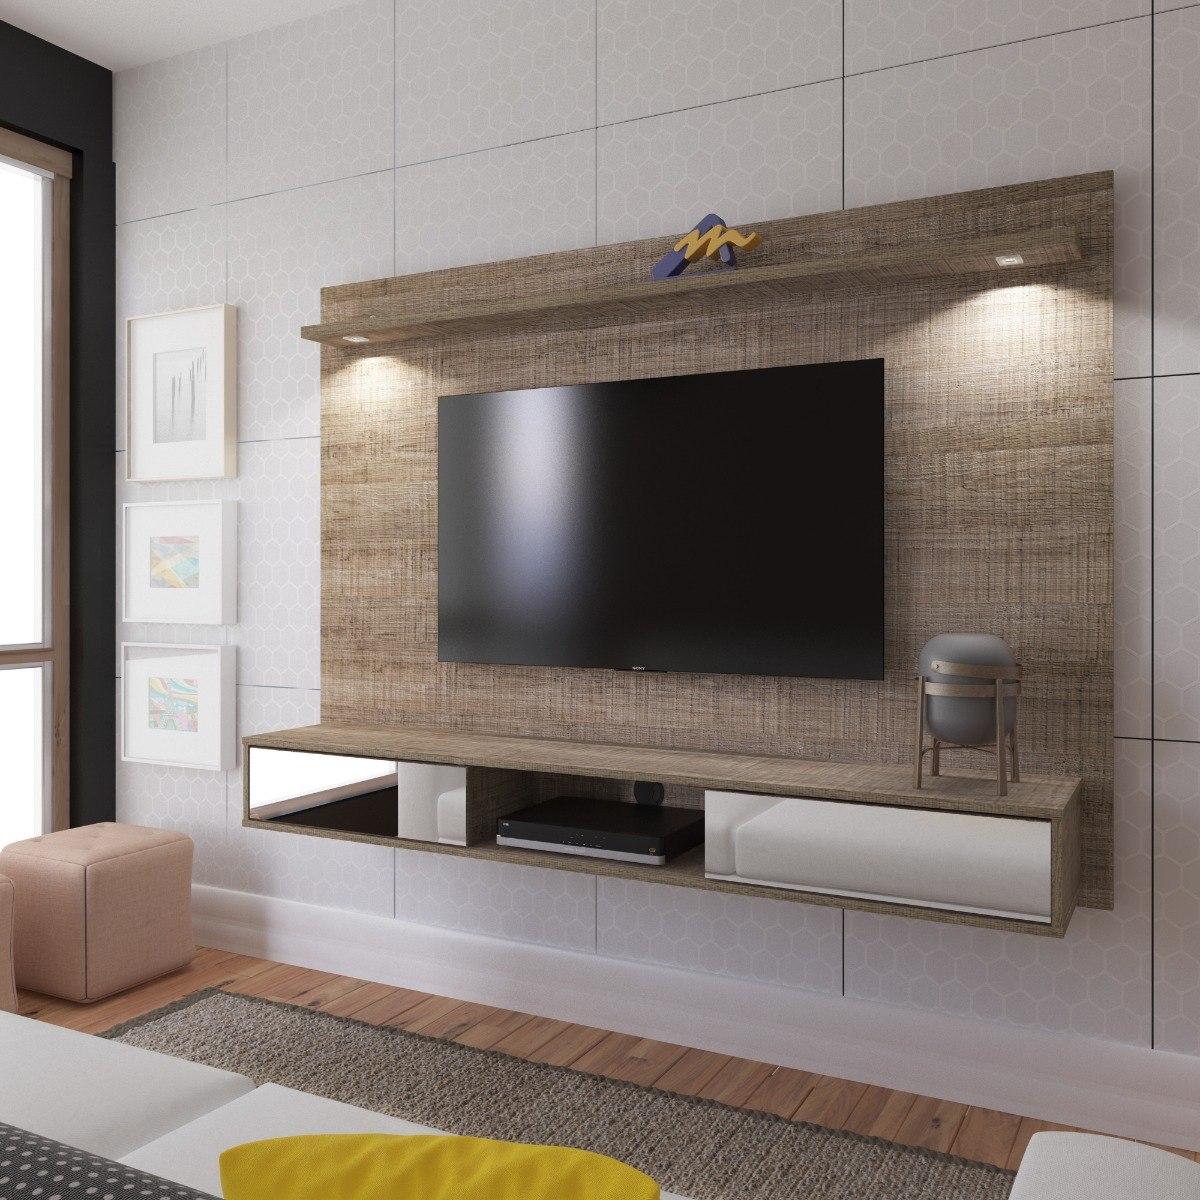 Painel Sala Tv Madeira Artely Platinum C Espelho Canela